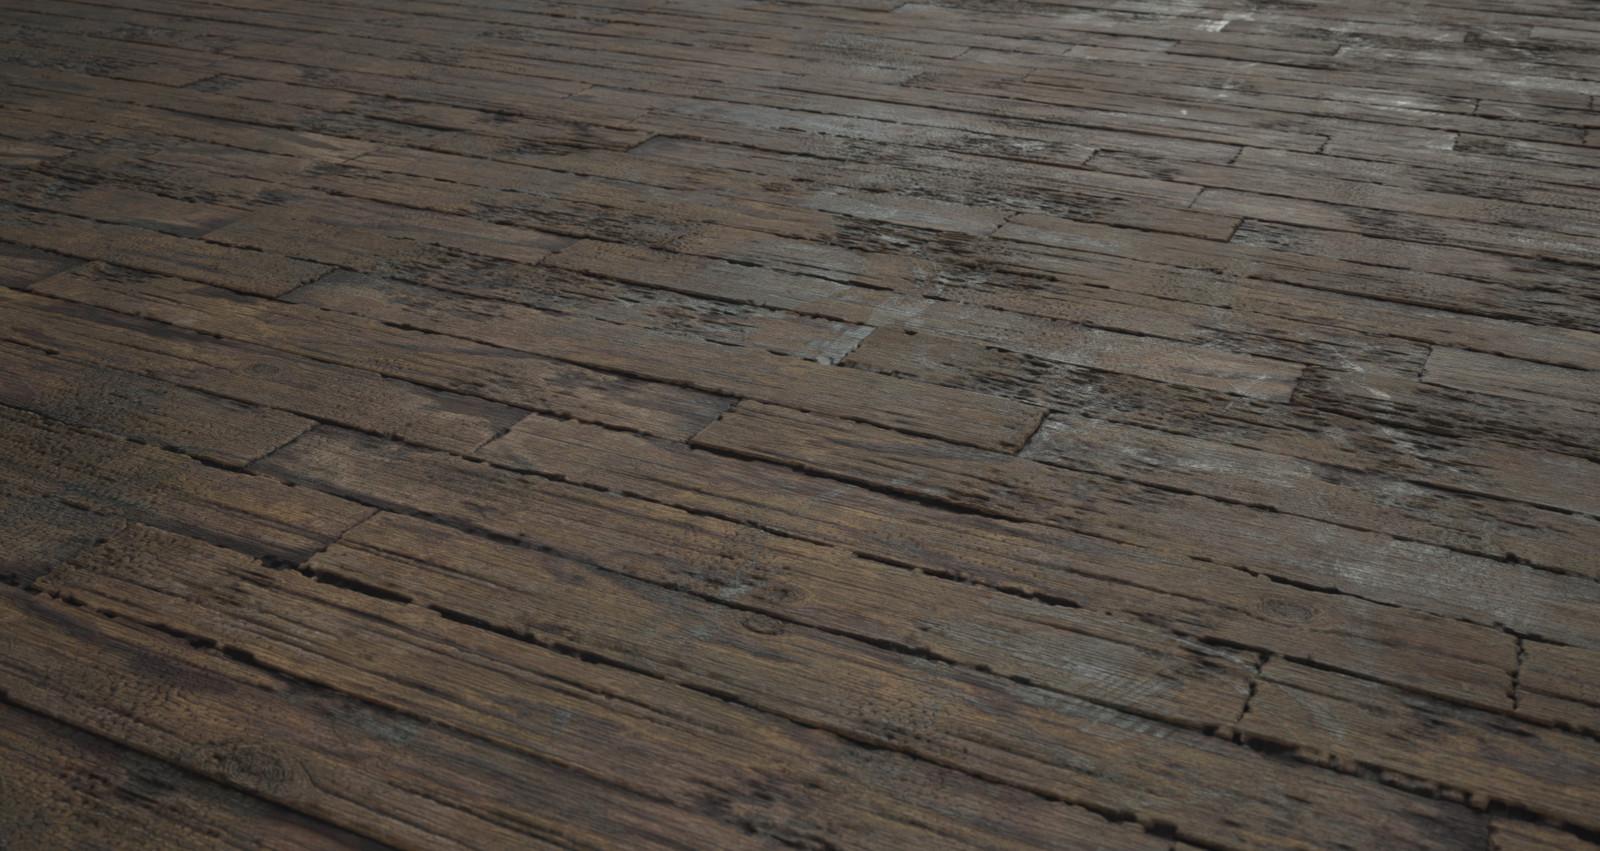 Rotten wood floor.